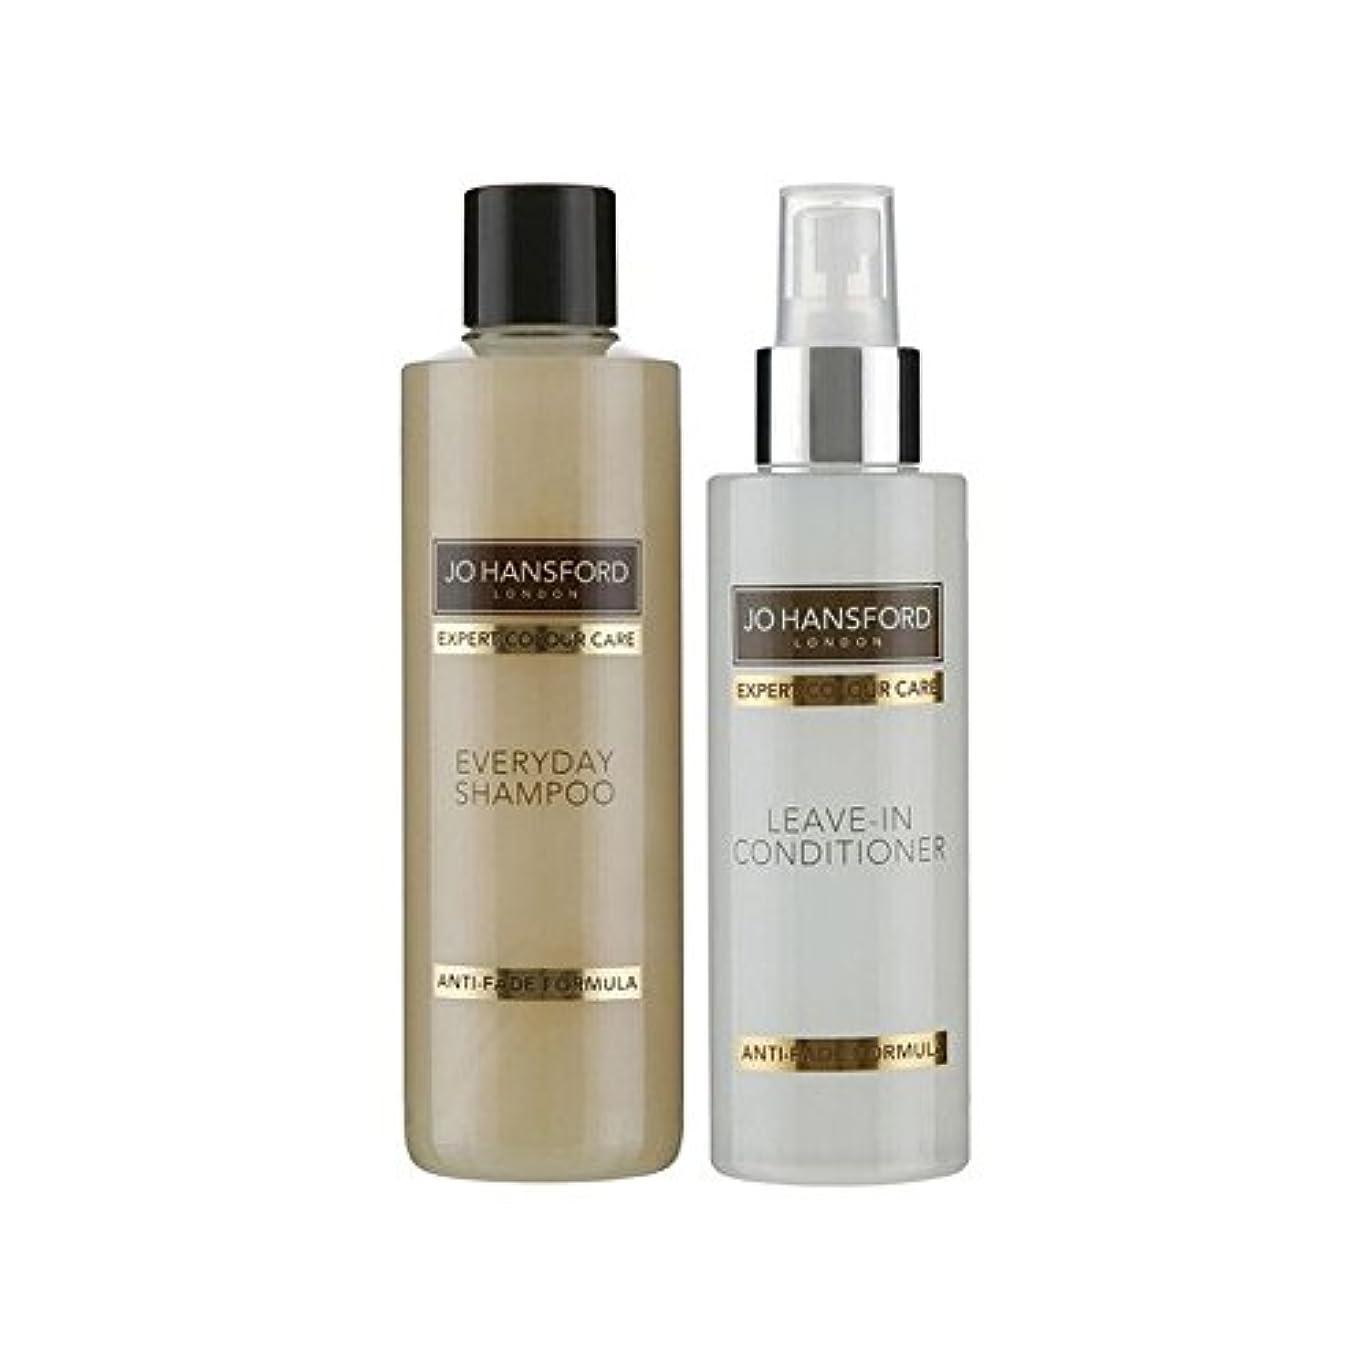 ヒロイン西部割り当てるジョー?ハンスフォード専門家のカラーケア毎日のシャンプー(250)で保護し、コンディショナーで休暇を輝か(150ミリリットル) x2 - Jo Hansford Expert Colour Care Everyday Shampoo (250ml) With Protect And Shine Leave In Conditioner (150ml) (Pack of 2) [並行輸入品]